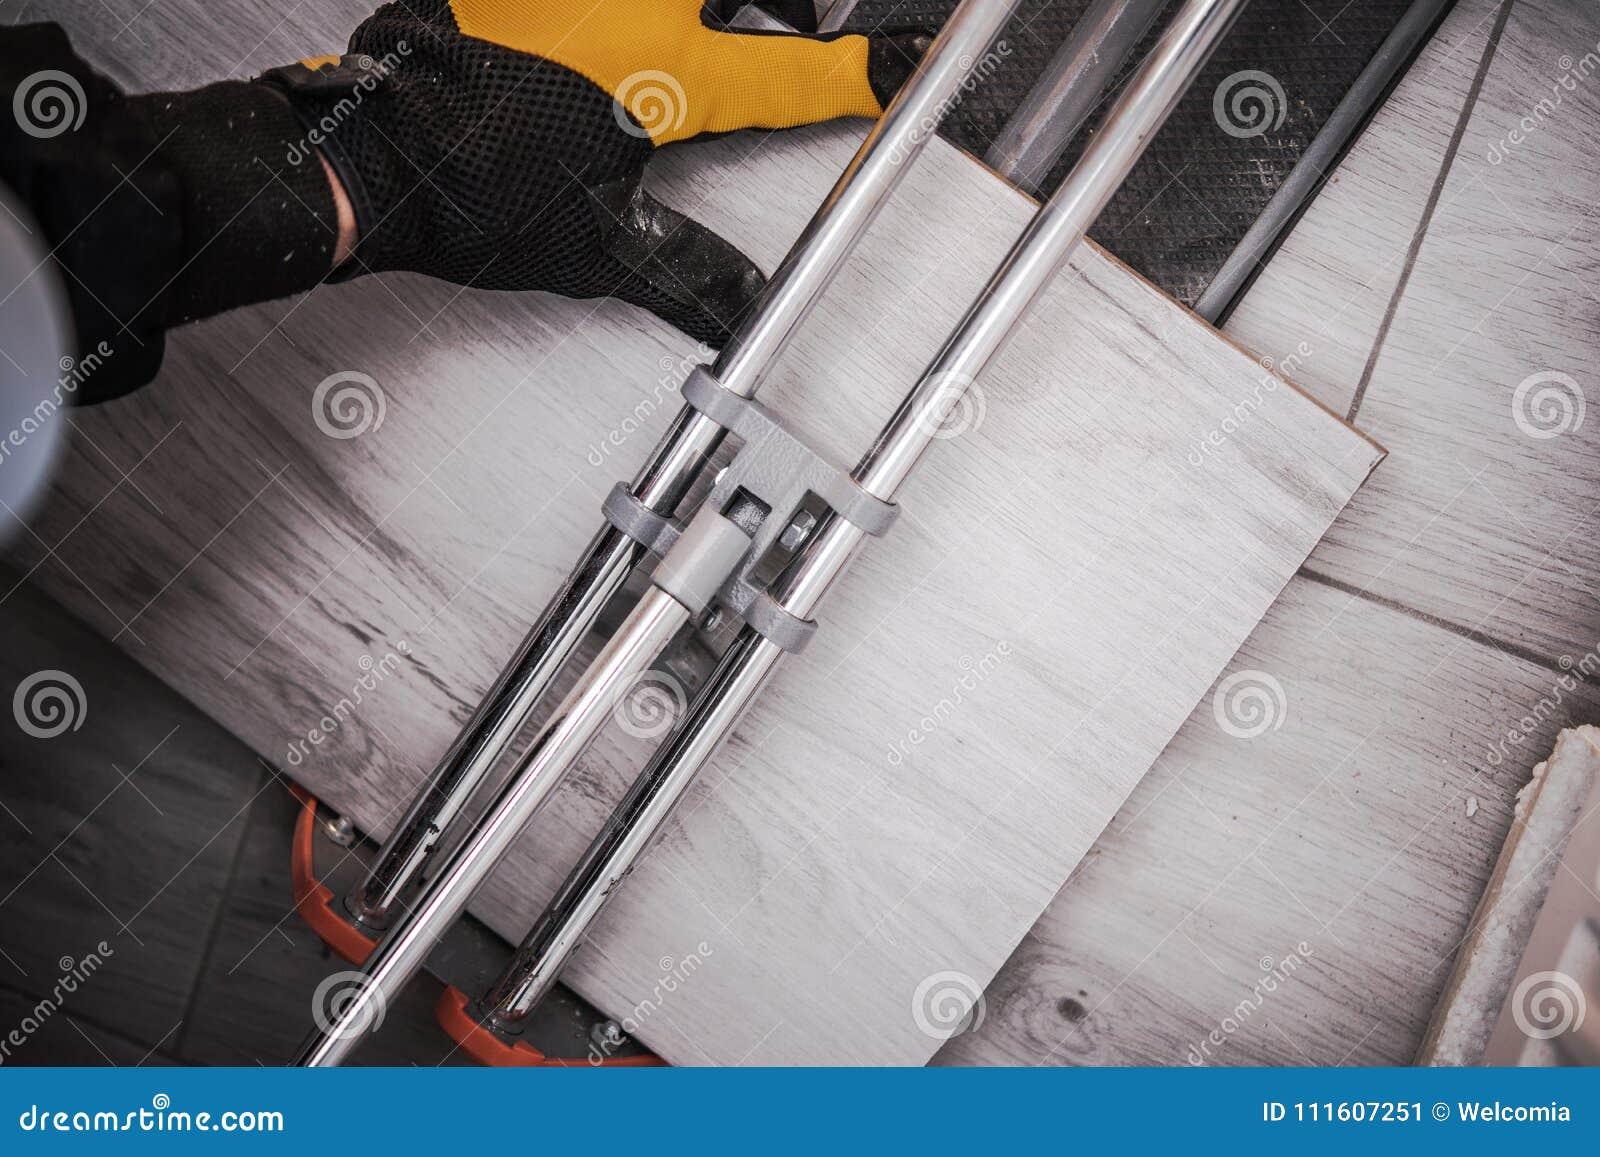 Floor Tiles Installation stock image. Image of worker - 111607251